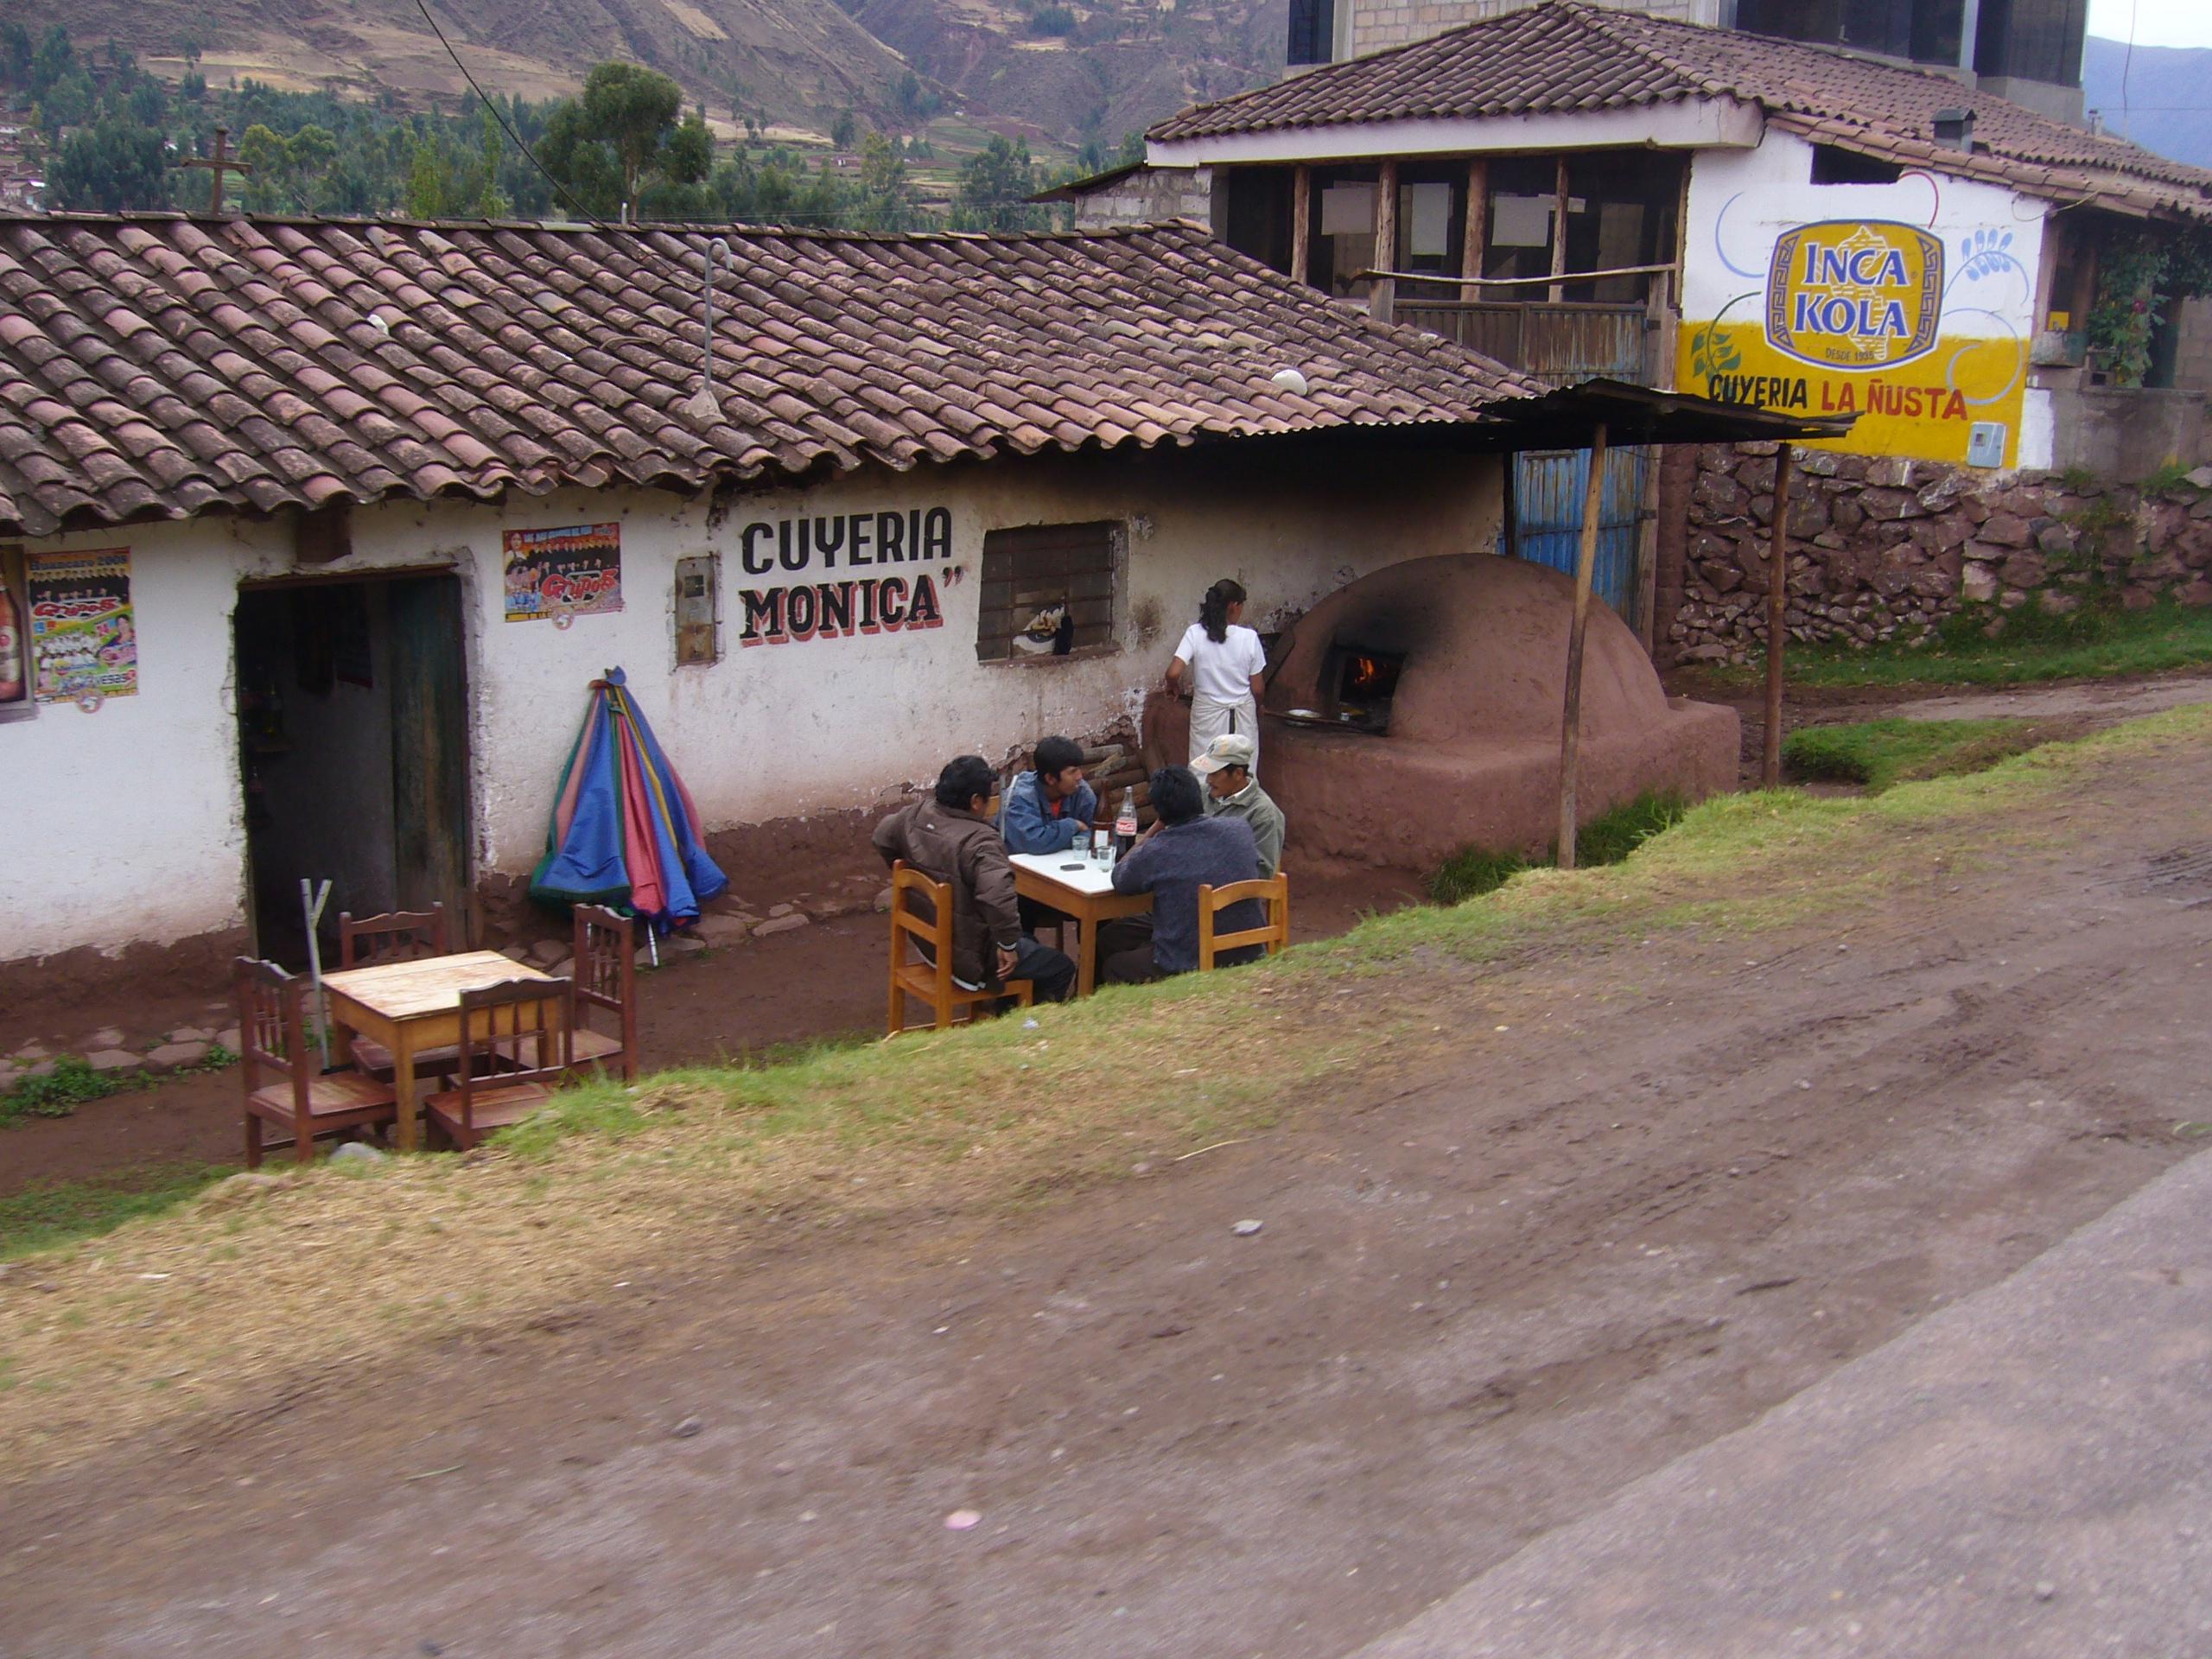 Radreise Peru 2008 - Cuy al horno - Meerschweinchen im Erdofen gegrillt